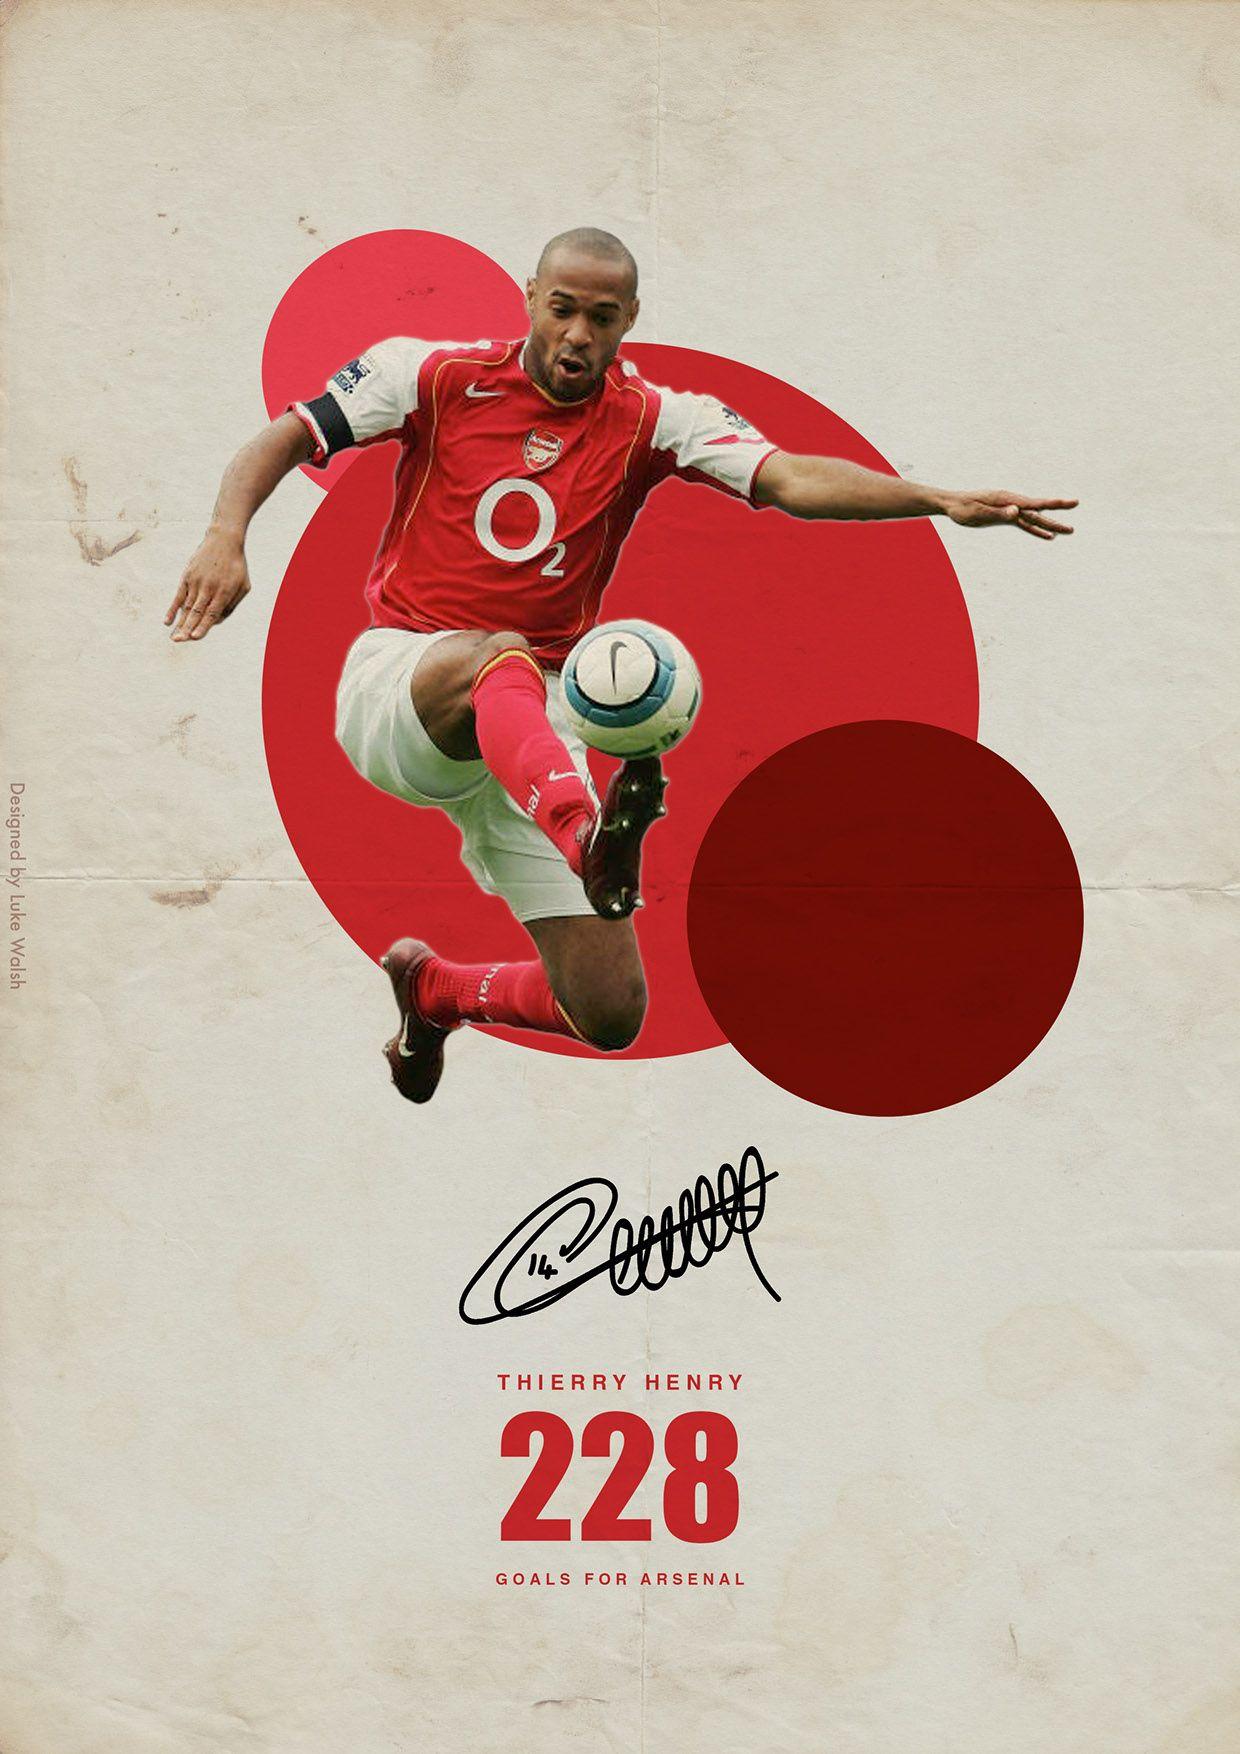 0559d637c Premier League Legends on Behance - Thierry Henry - Arsenal ...